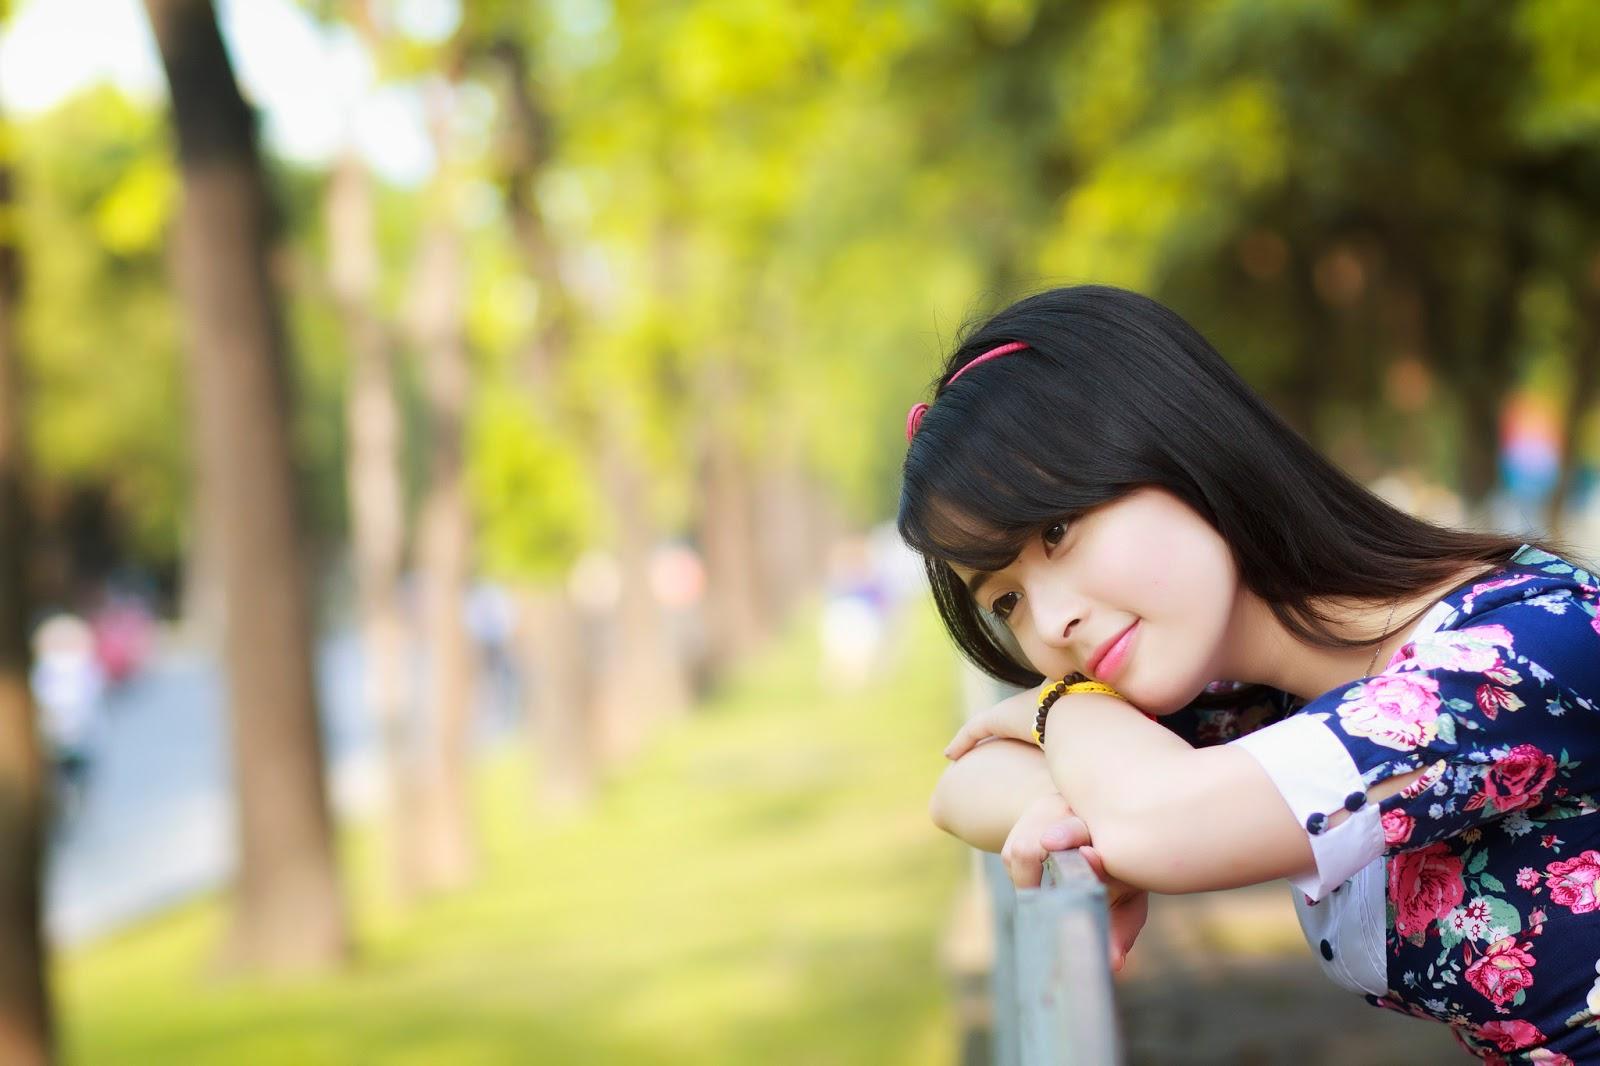 بالصور بنات اليابان , مجموعة من اجمل صور البنات اليابانيات 6083 5